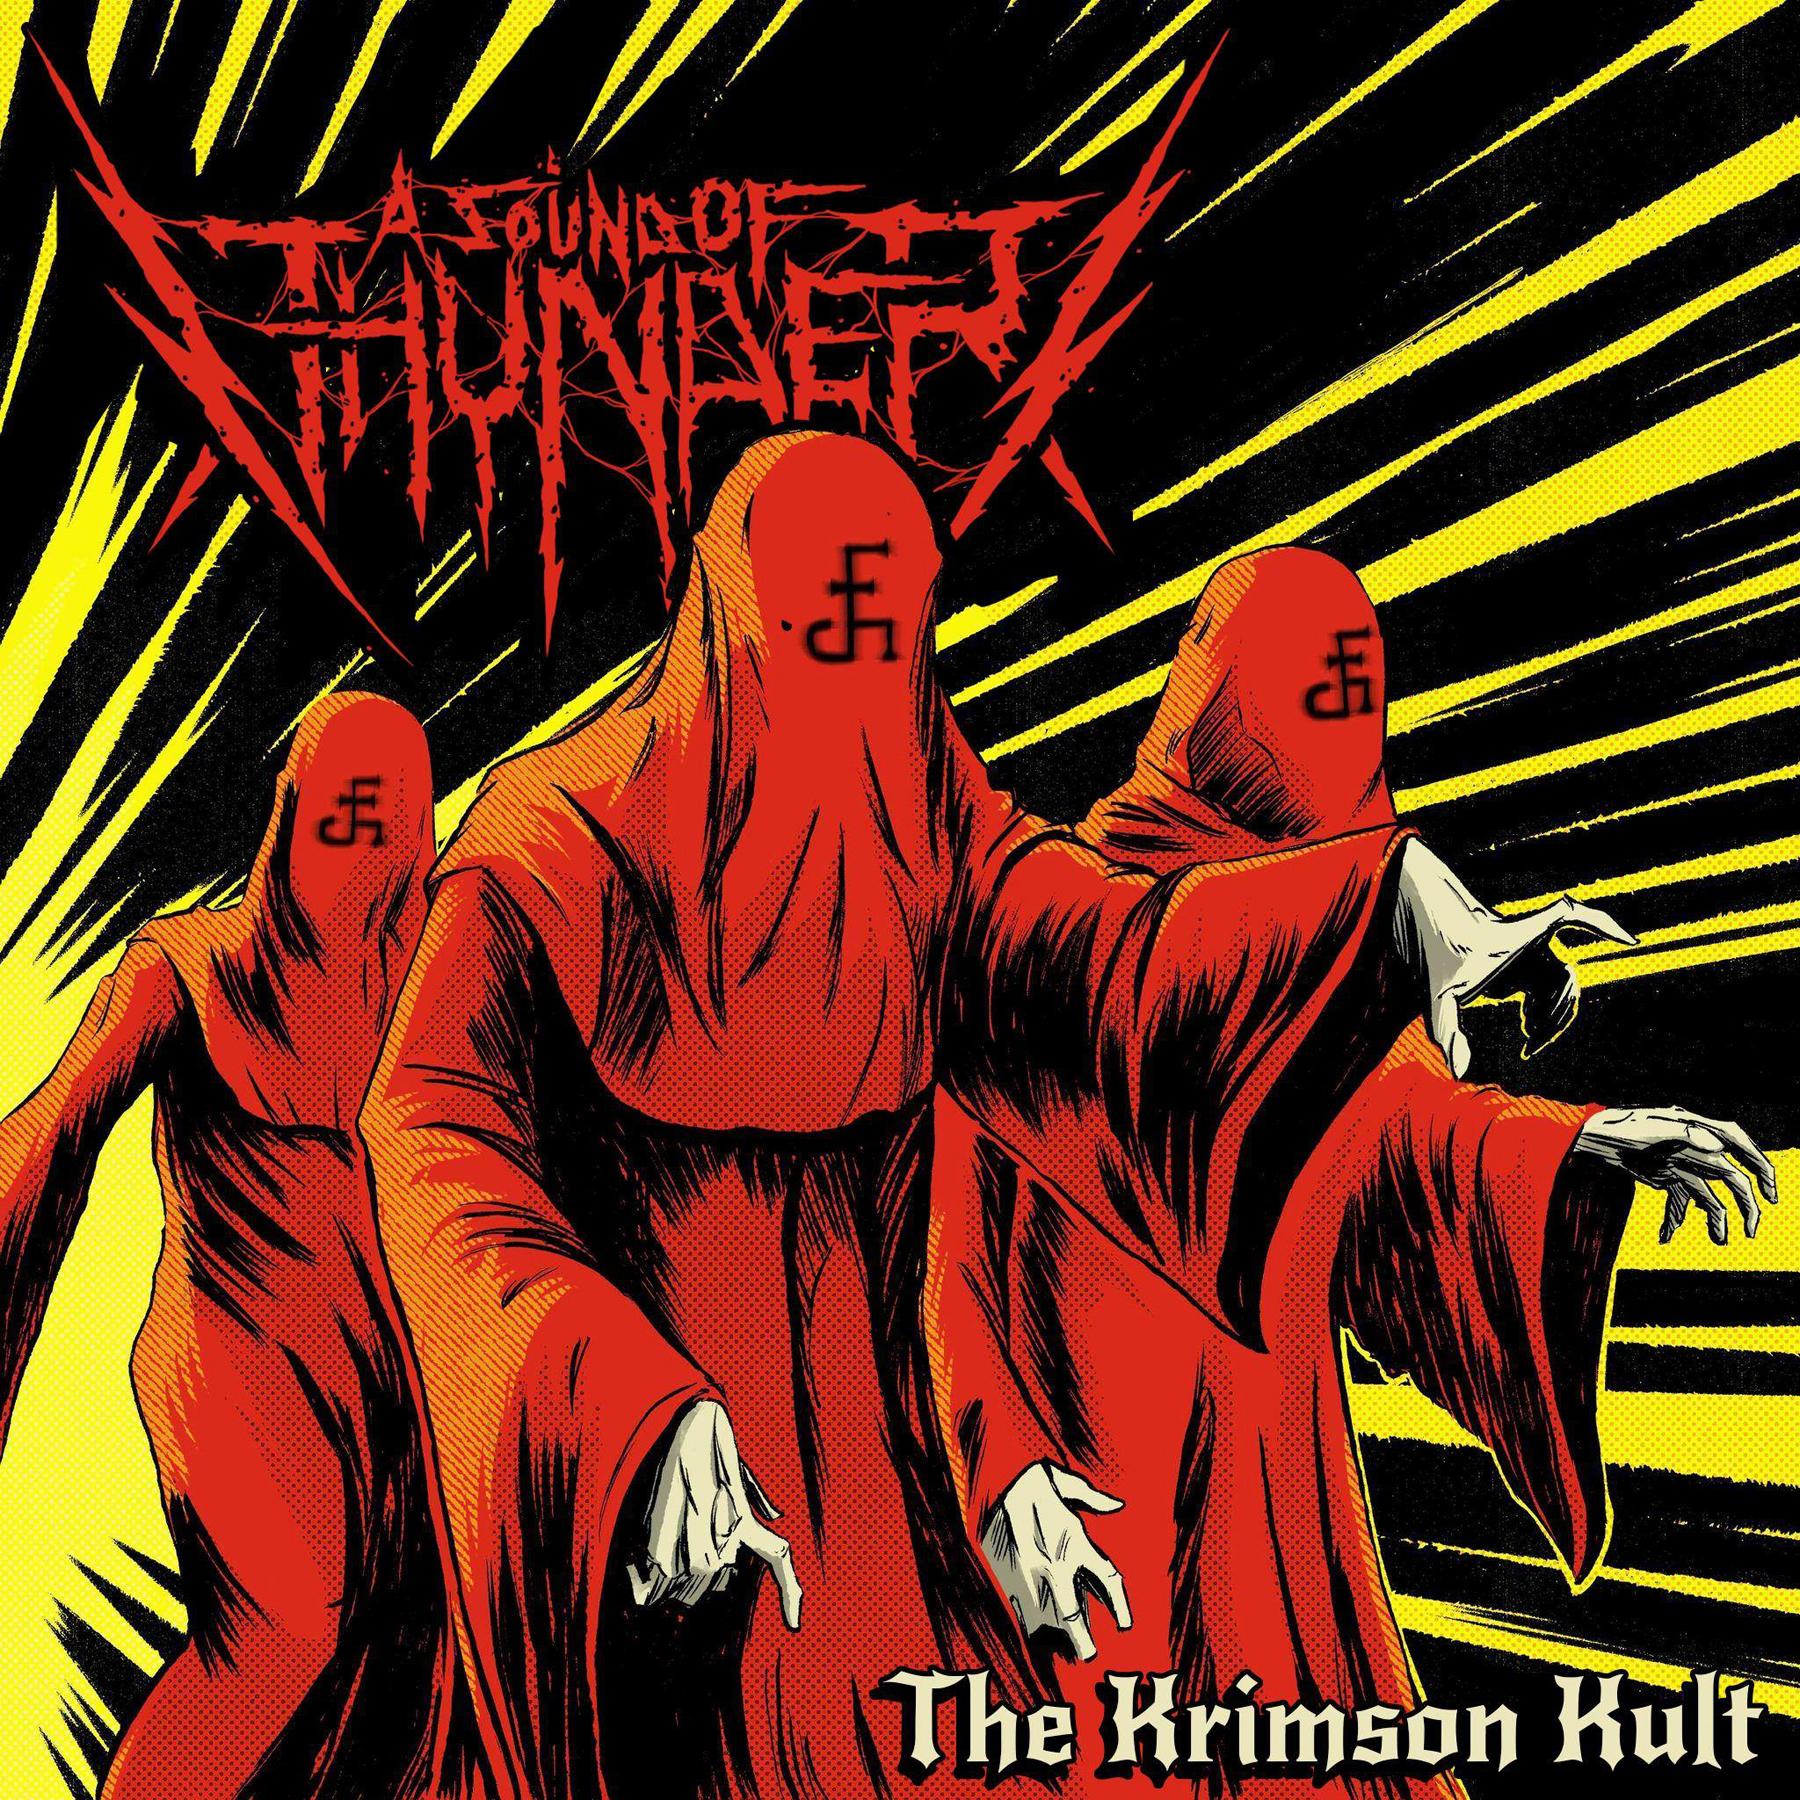 A SOUND OF THUNDER - album